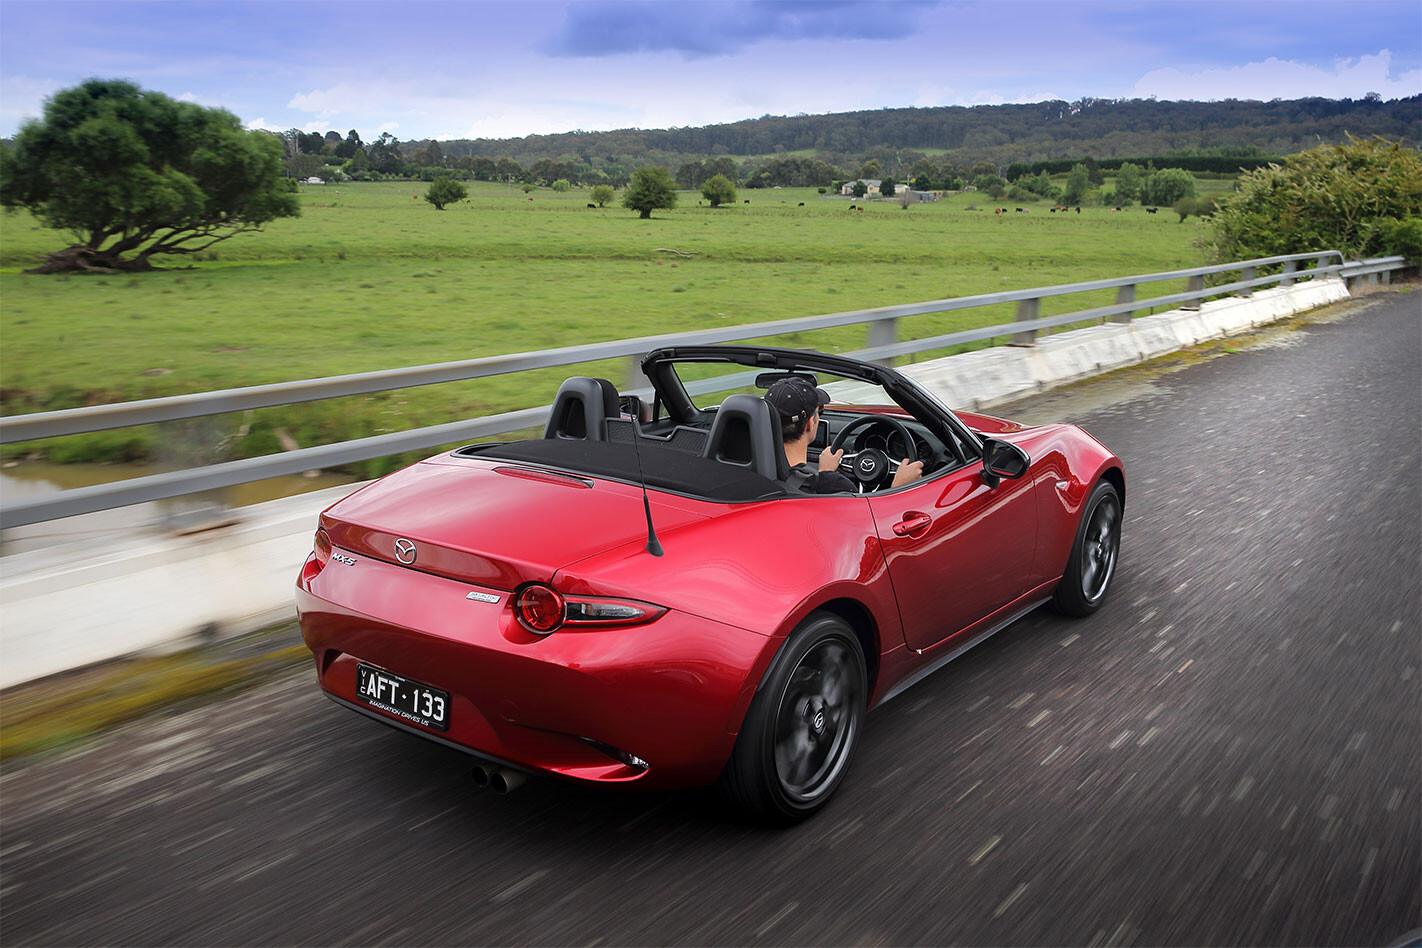 Mazda -MX-5-2.0-litre -rear